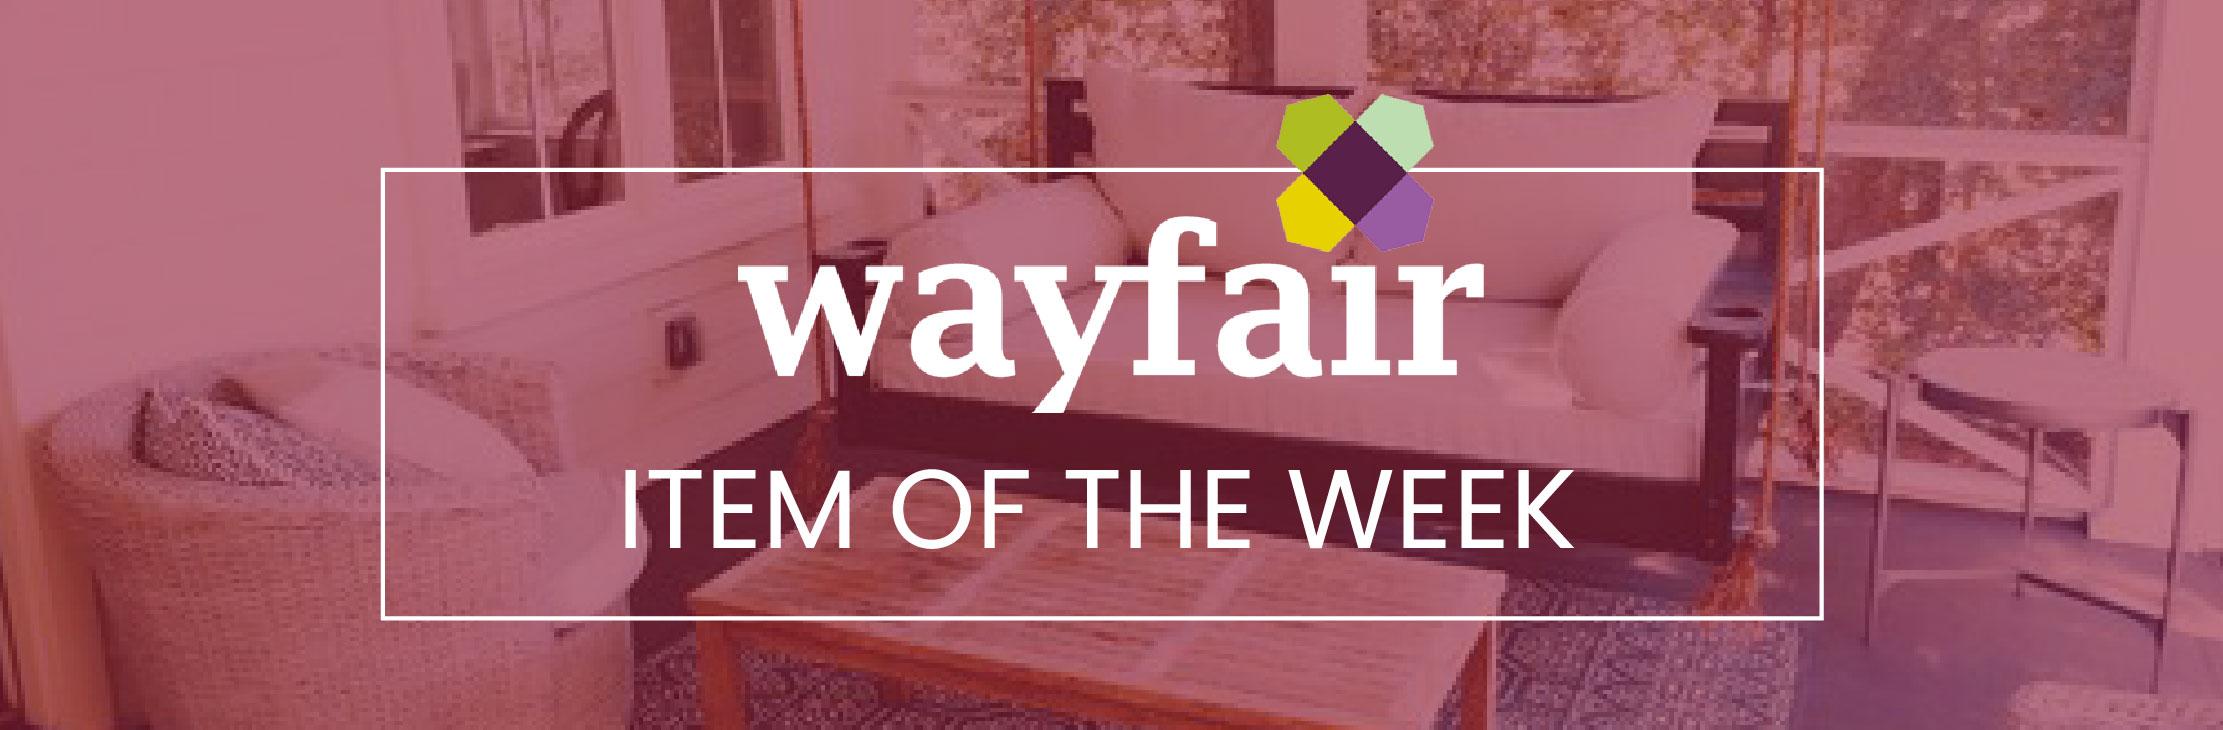 Wayfair-item-of-the-week-porch-swing